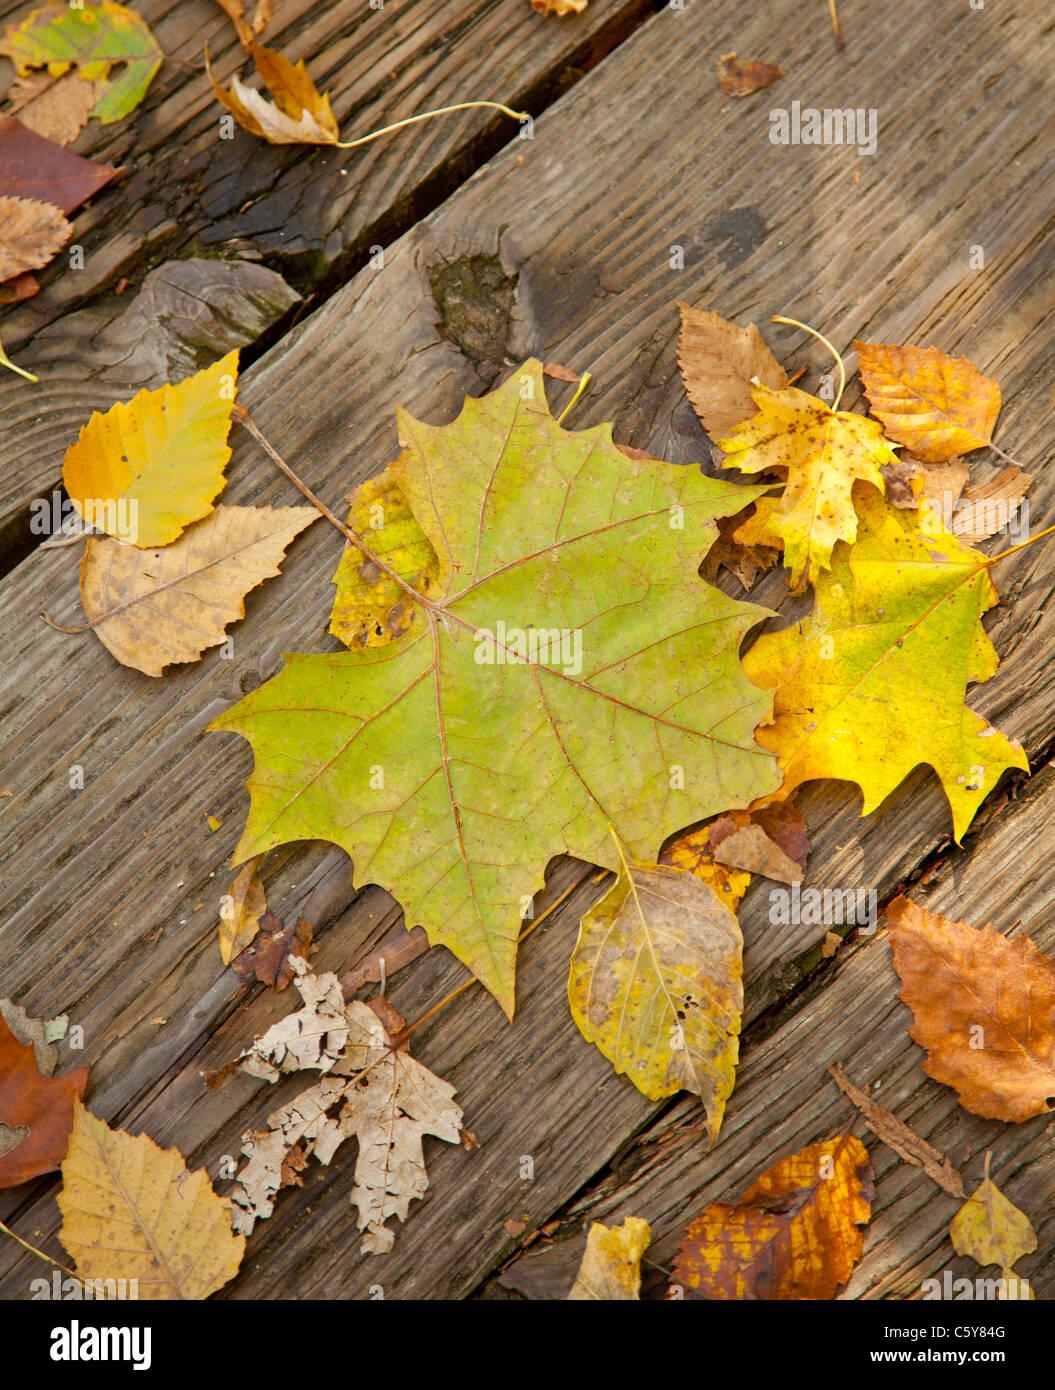 leaf autumn fall wood planks stems seasons - Stock Image